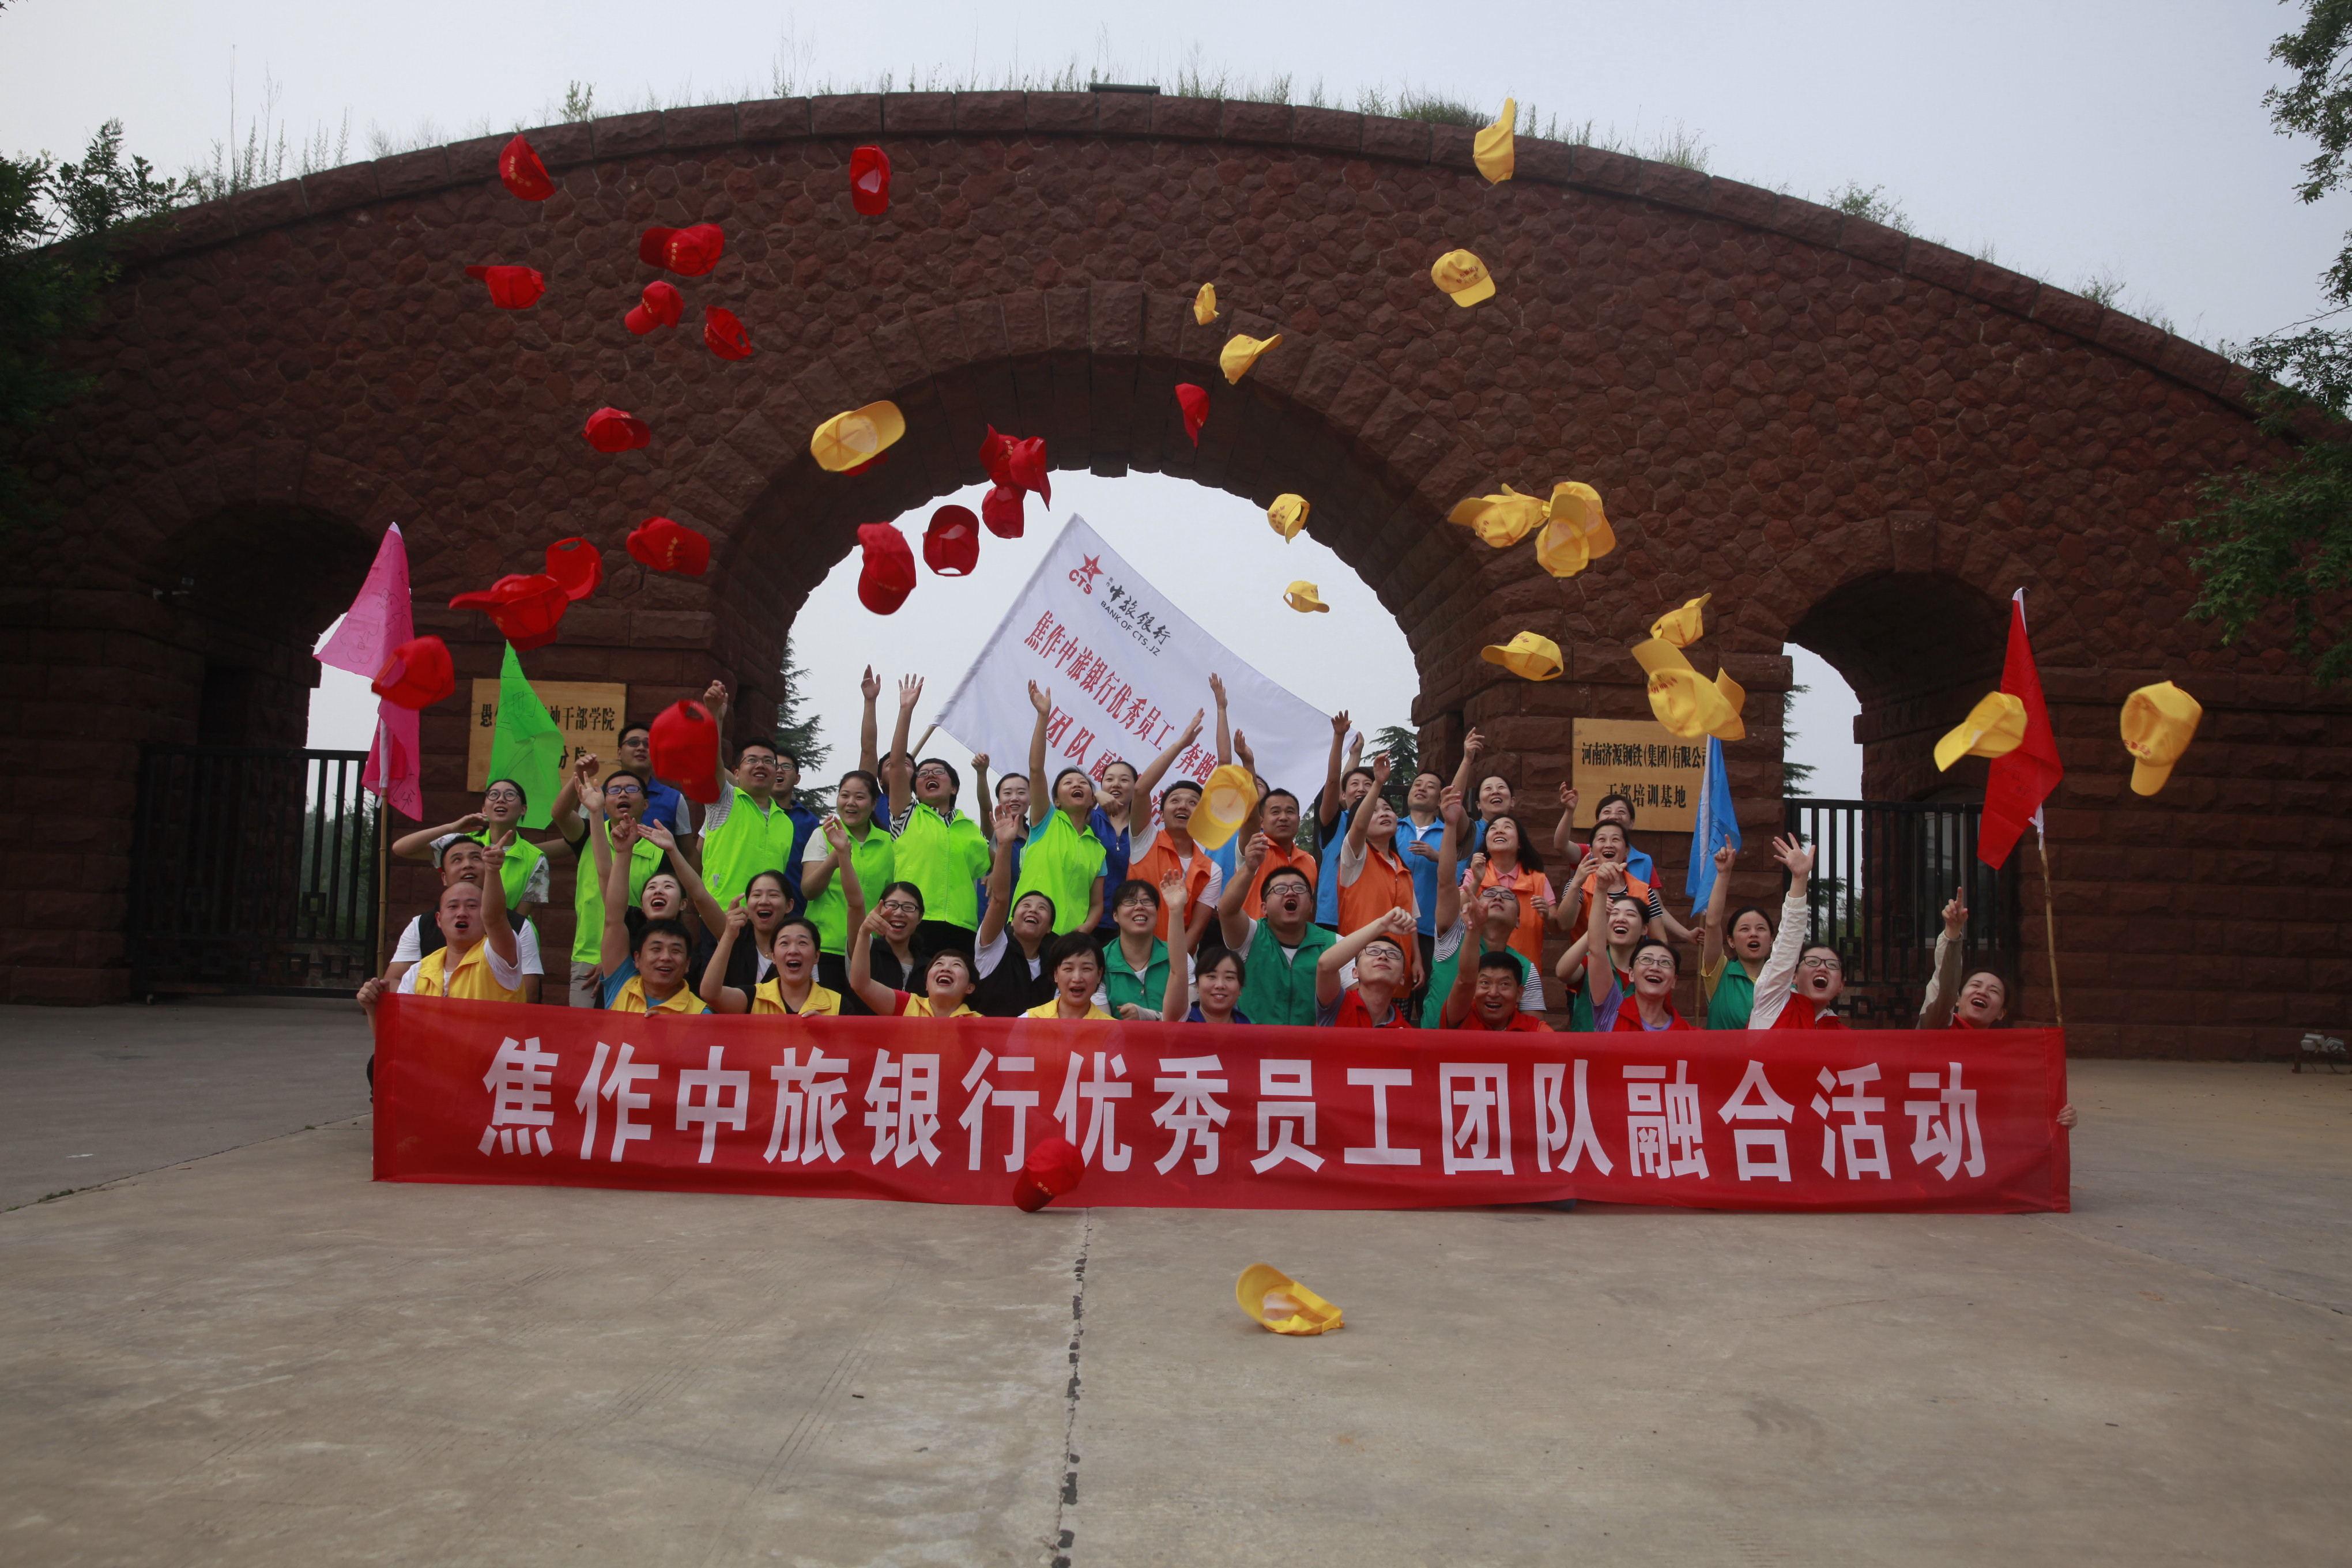 http://www.wzxmy.com/shishangchaoliu/7608.html